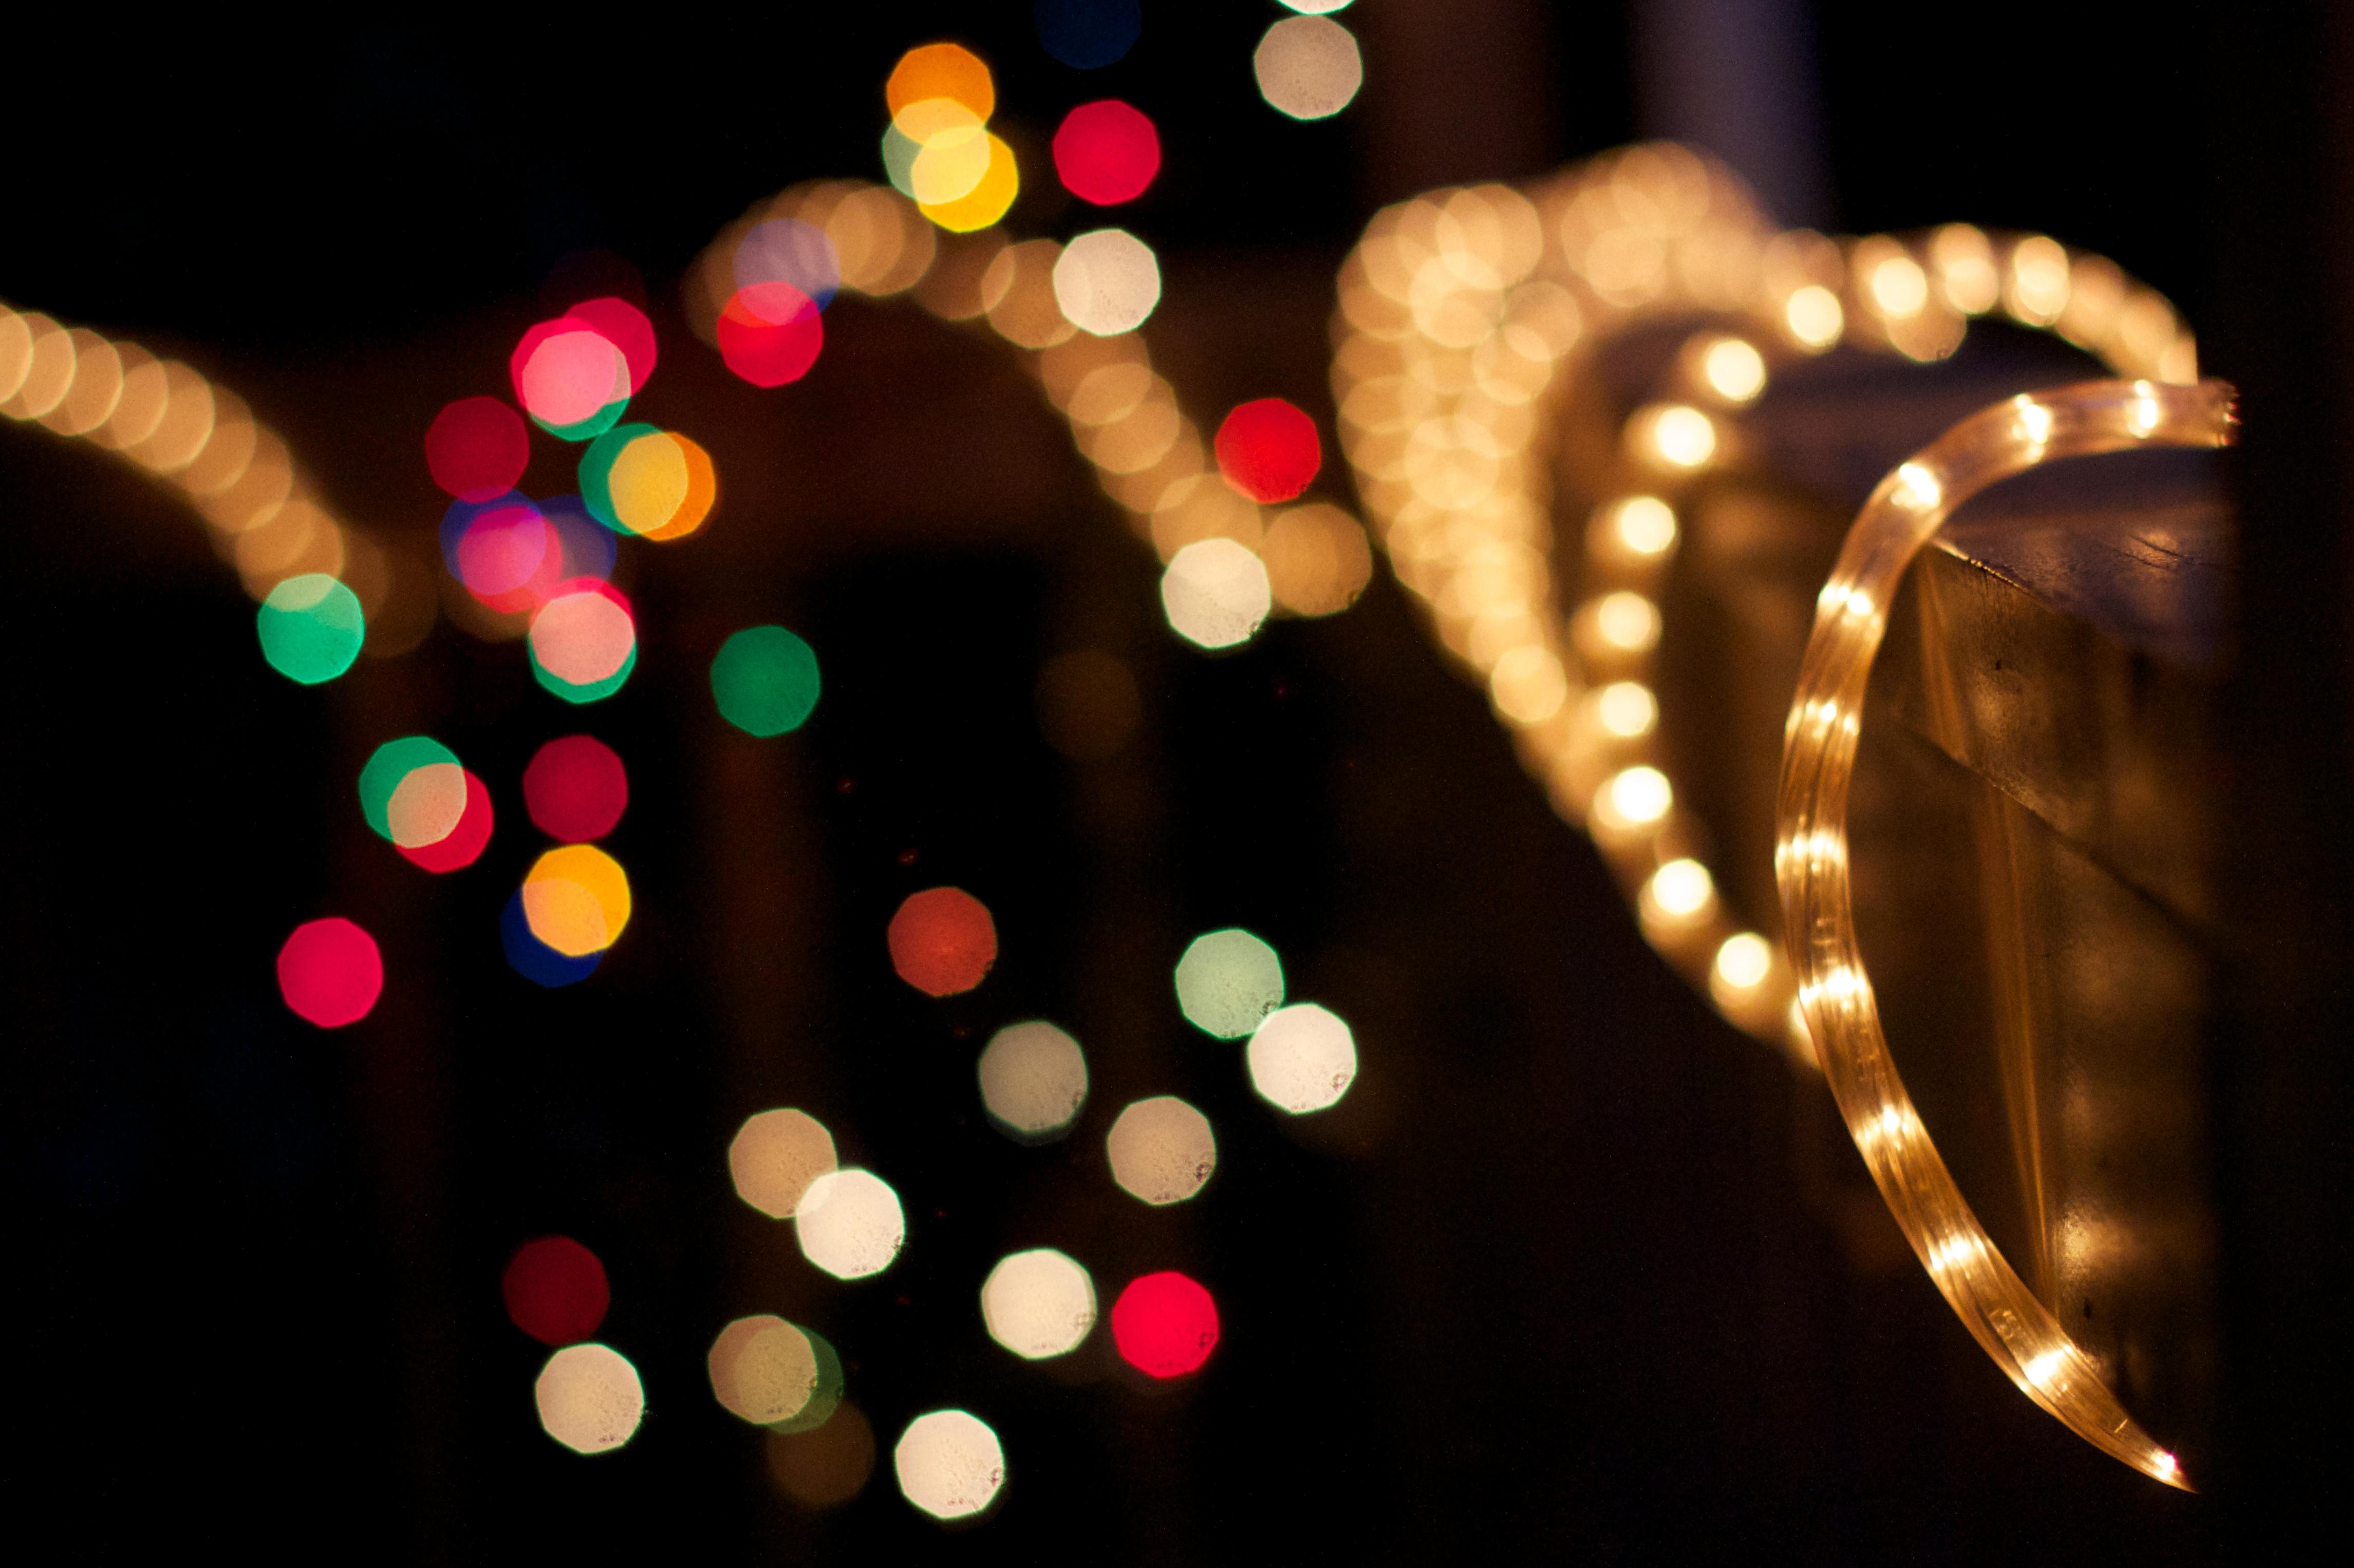 Troubleshooting Led Christmas Lights